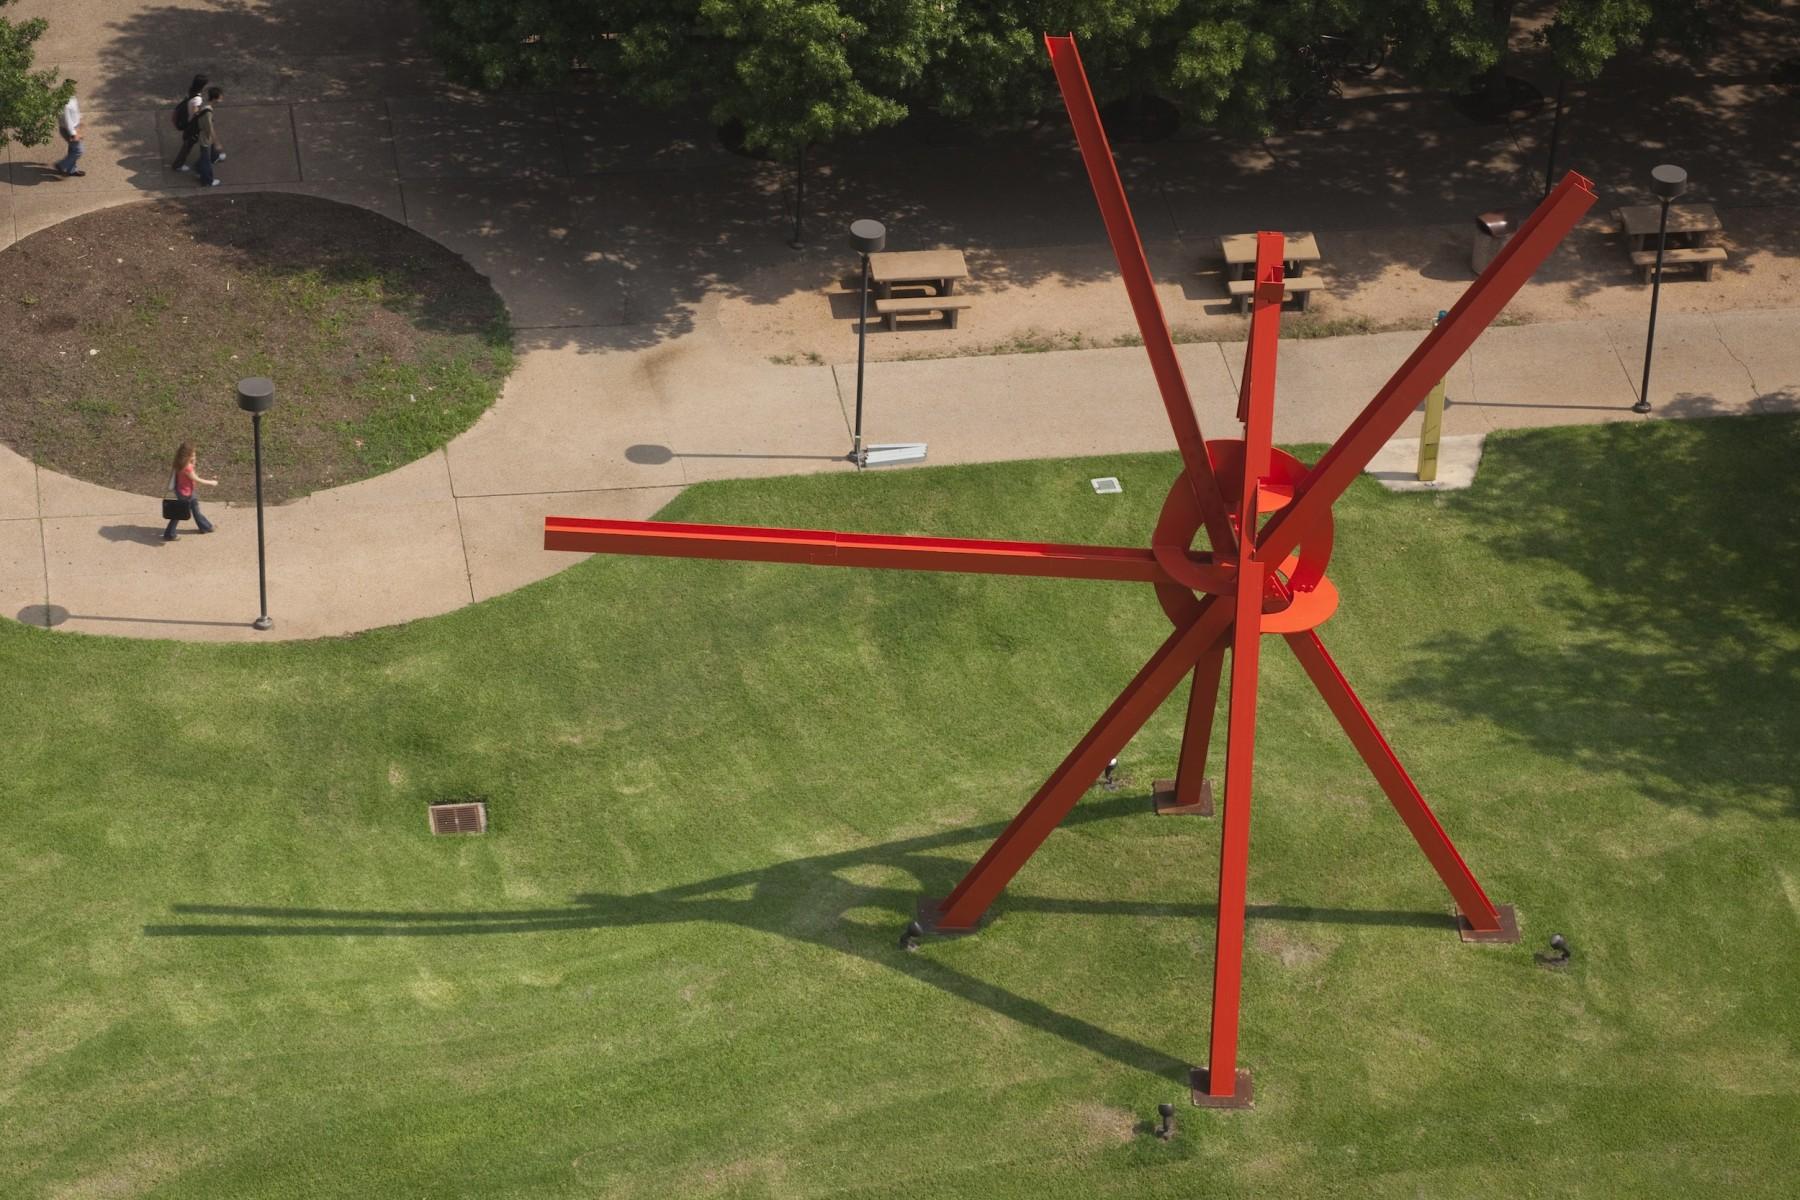 A large sculpture on green grass